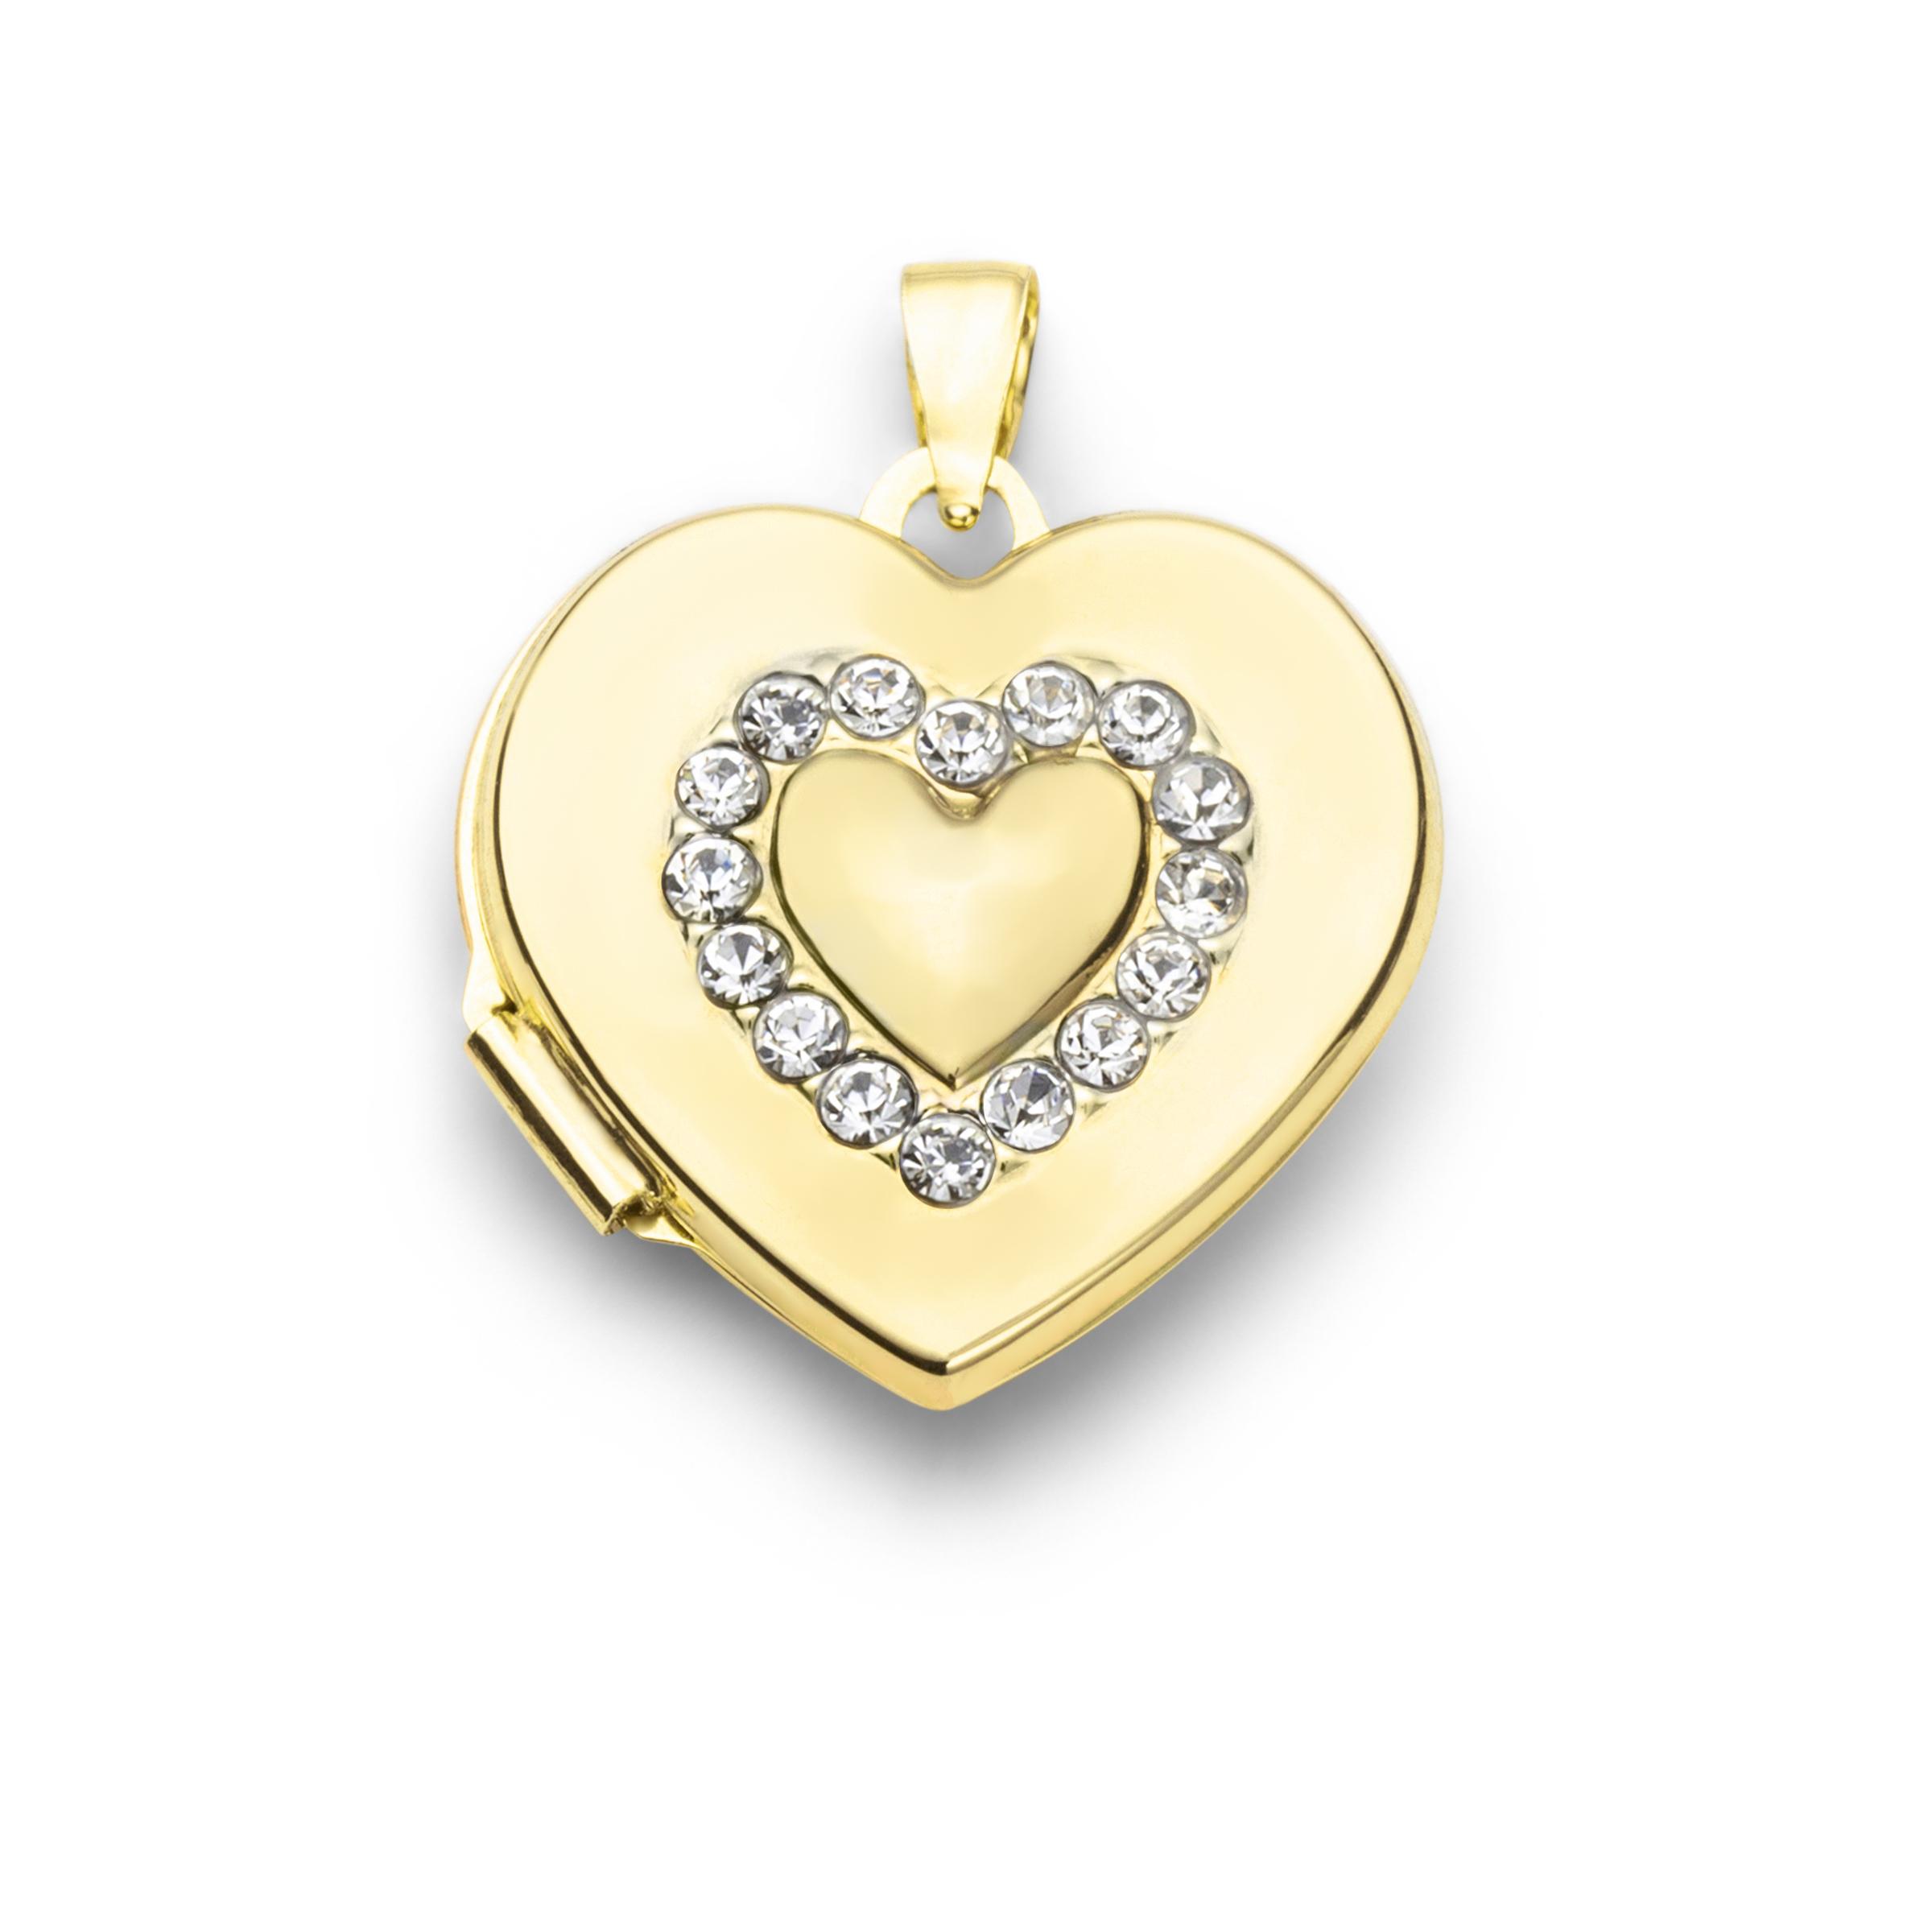 Anhänger für Damen, Gold 375, Zirkonia Herz